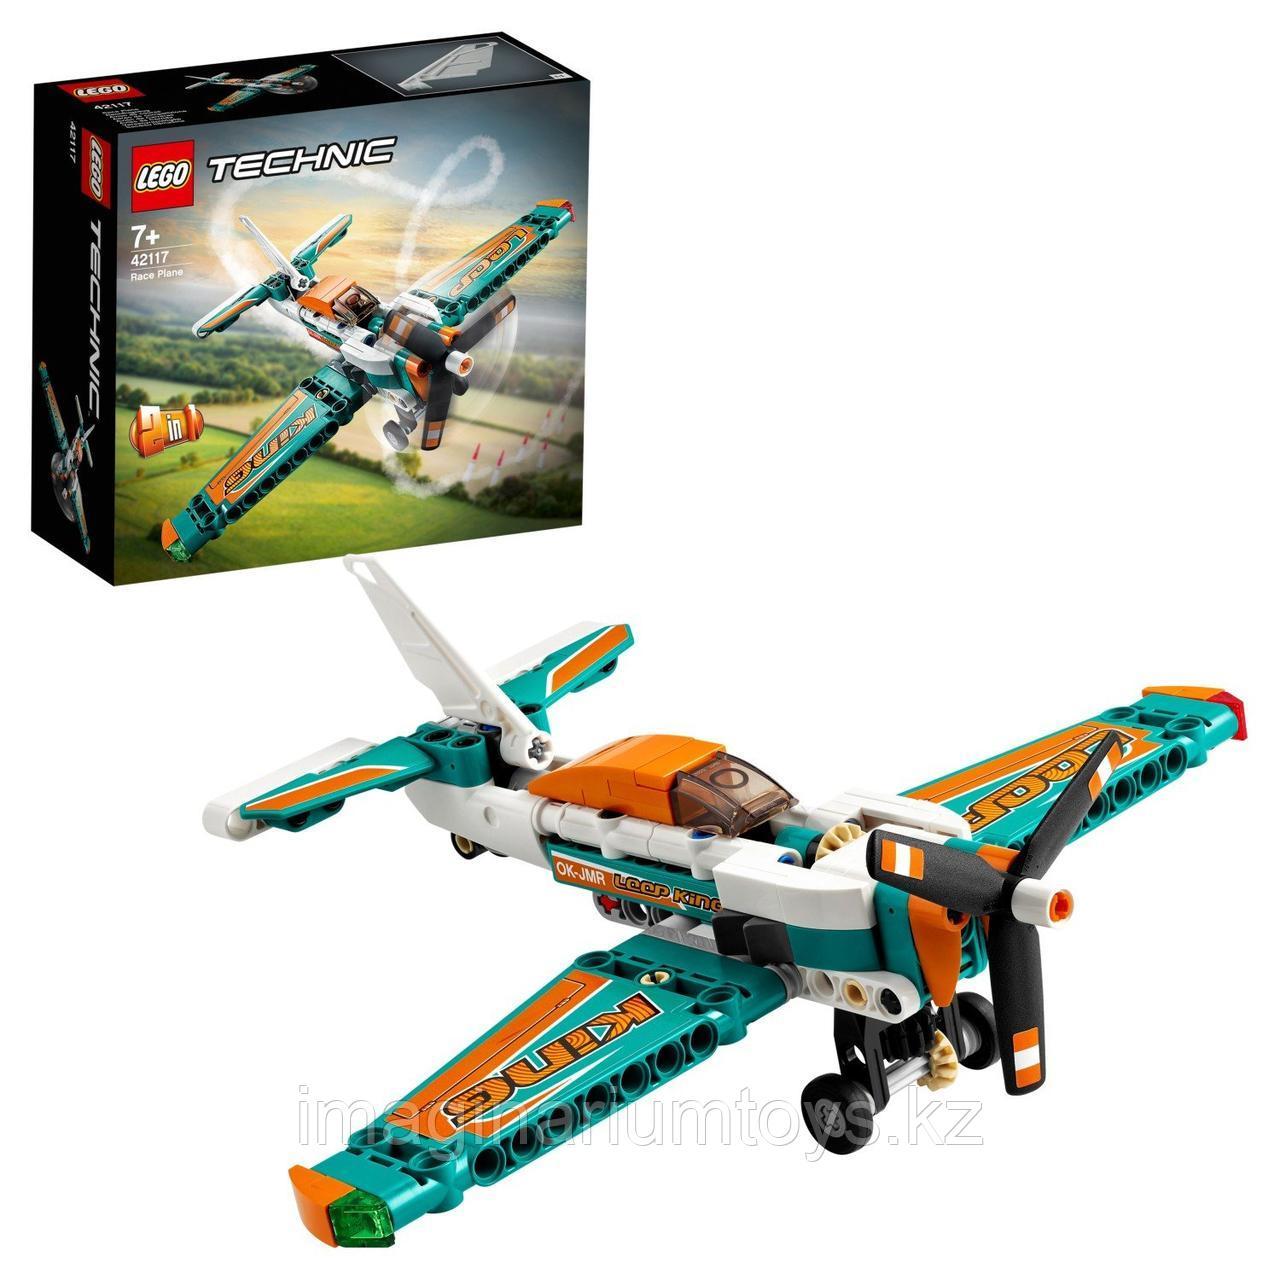 LEGO Technic Конструктор Гоночный самолёт 42117